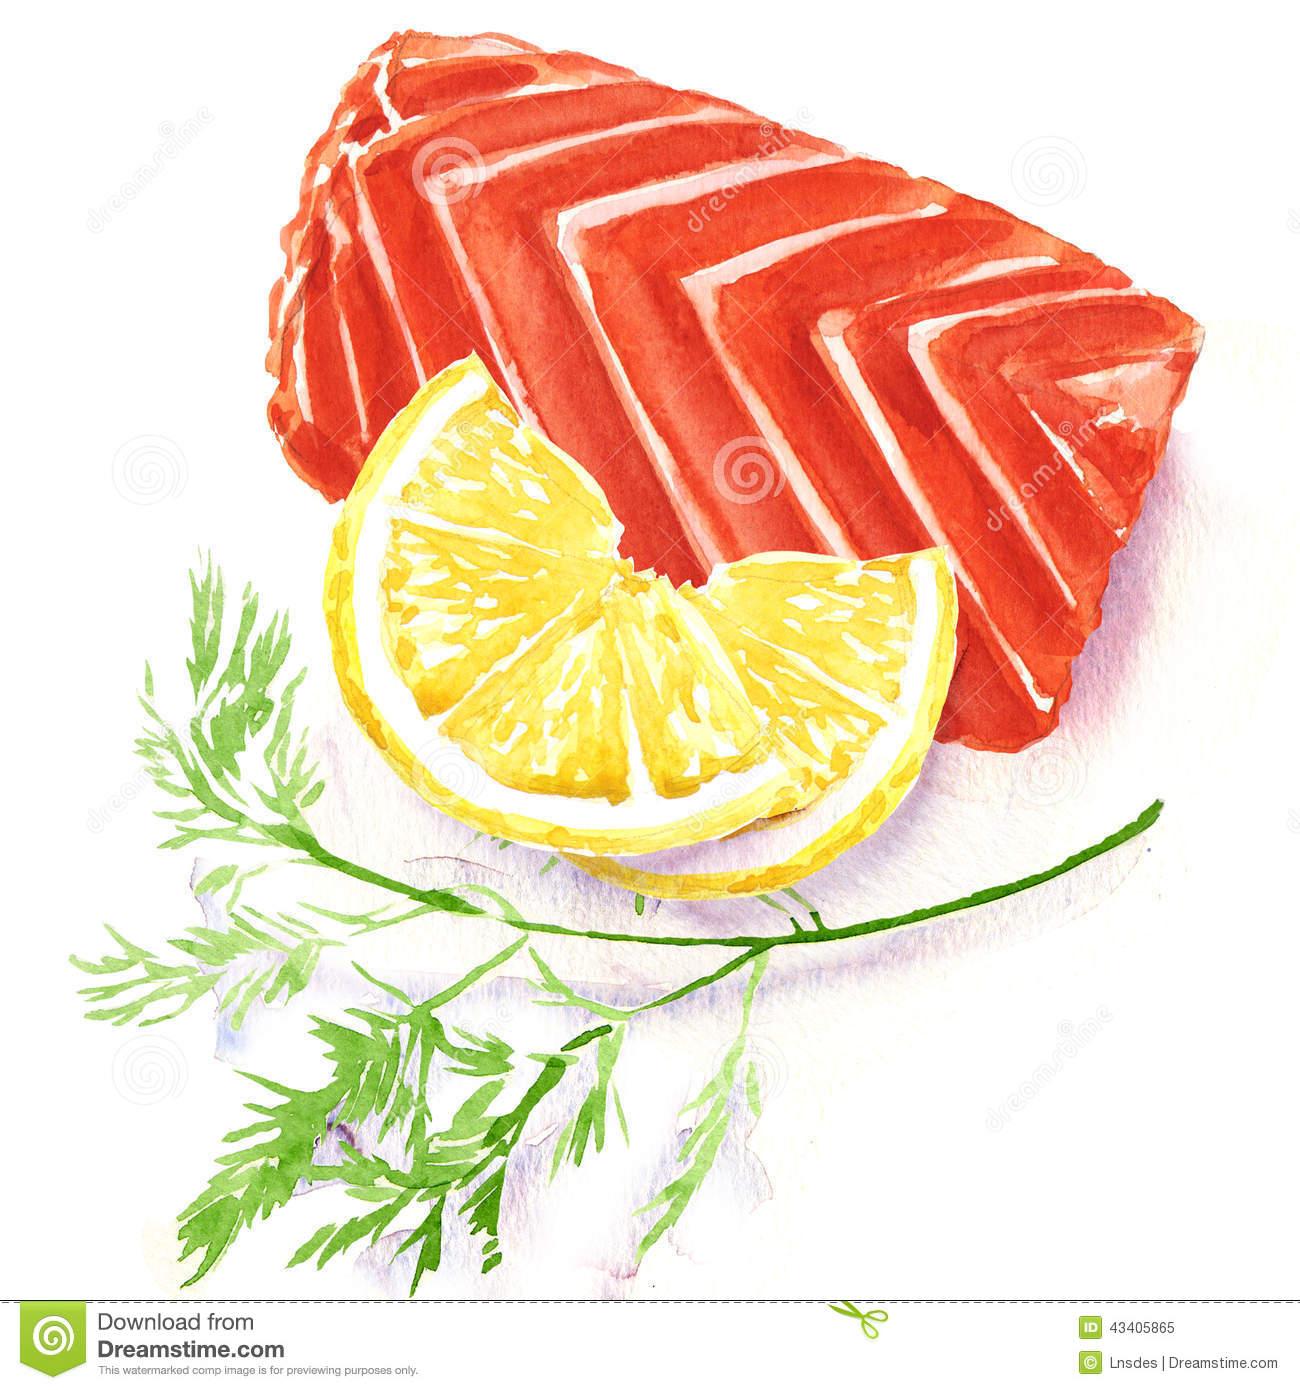 Fish Fillet Illustration Stock Vector.